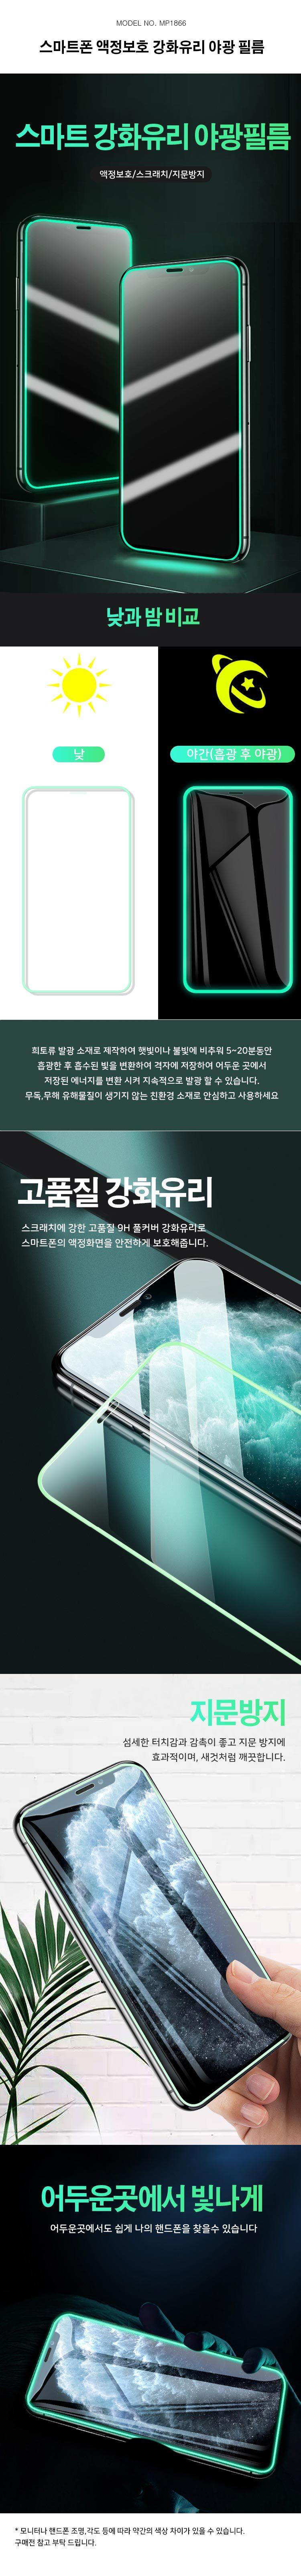 아이폰 액정보호필름 11pro max/프로 맥스 x xs xr se2 7 8플러스 휴대폰 야광 지문방지 강화유리 필름6,500원-뮤고스디지털, 애플, 필름, 아이폰 11 Pro MAX바보사랑아이폰 액정보호필름 11pro max/프로 맥스 x xs xr se2 7 8플러스 휴대폰 야광 지문방지 강화유리 필름6,500원-뮤고스디지털, 애플, 필름, 아이폰 11 Pro MAX바보사랑